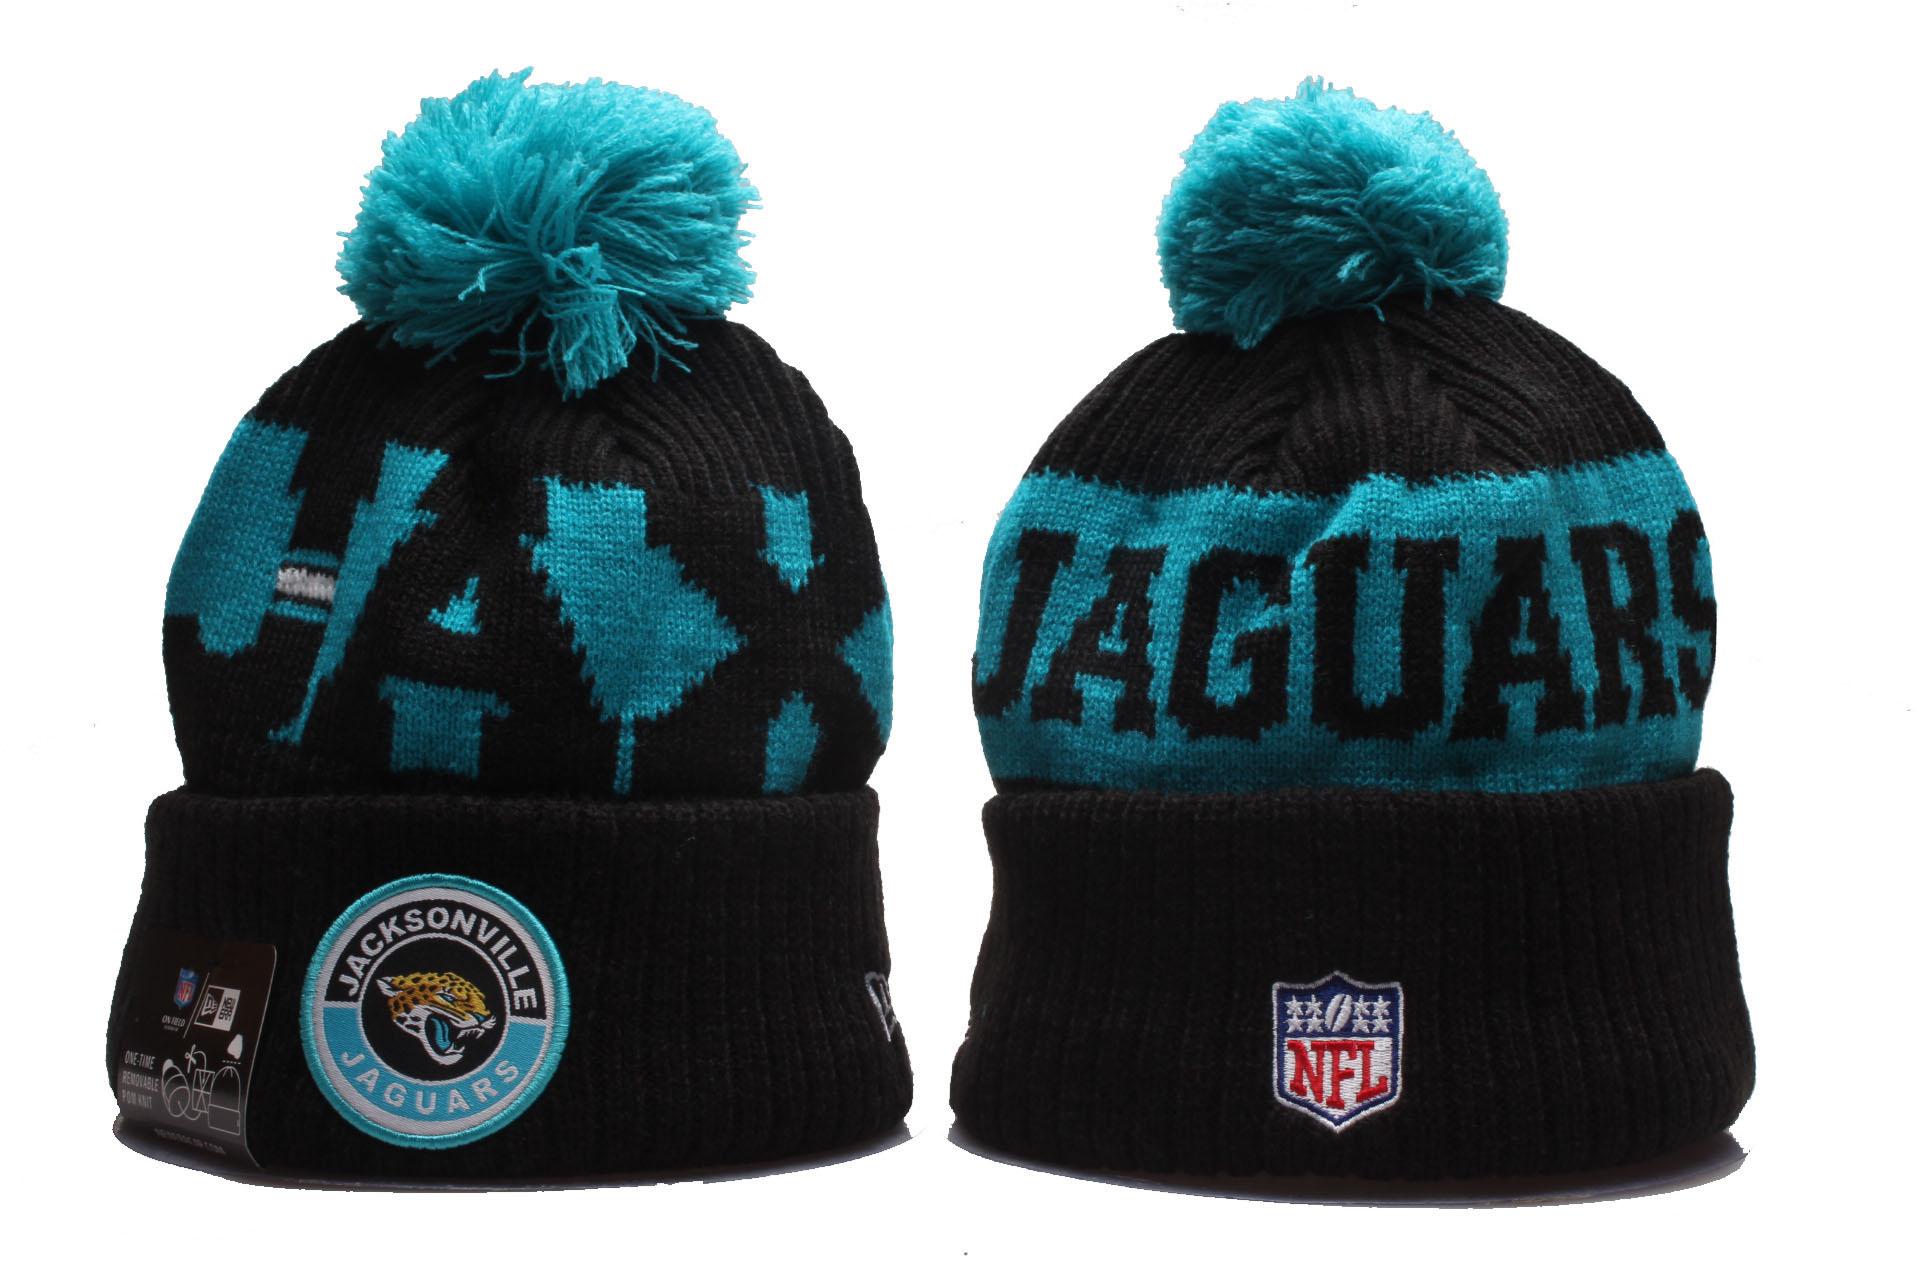 Jaguars Team Logo Black 2020 NFL Sideline Pom Cuffed Knit Hat YP